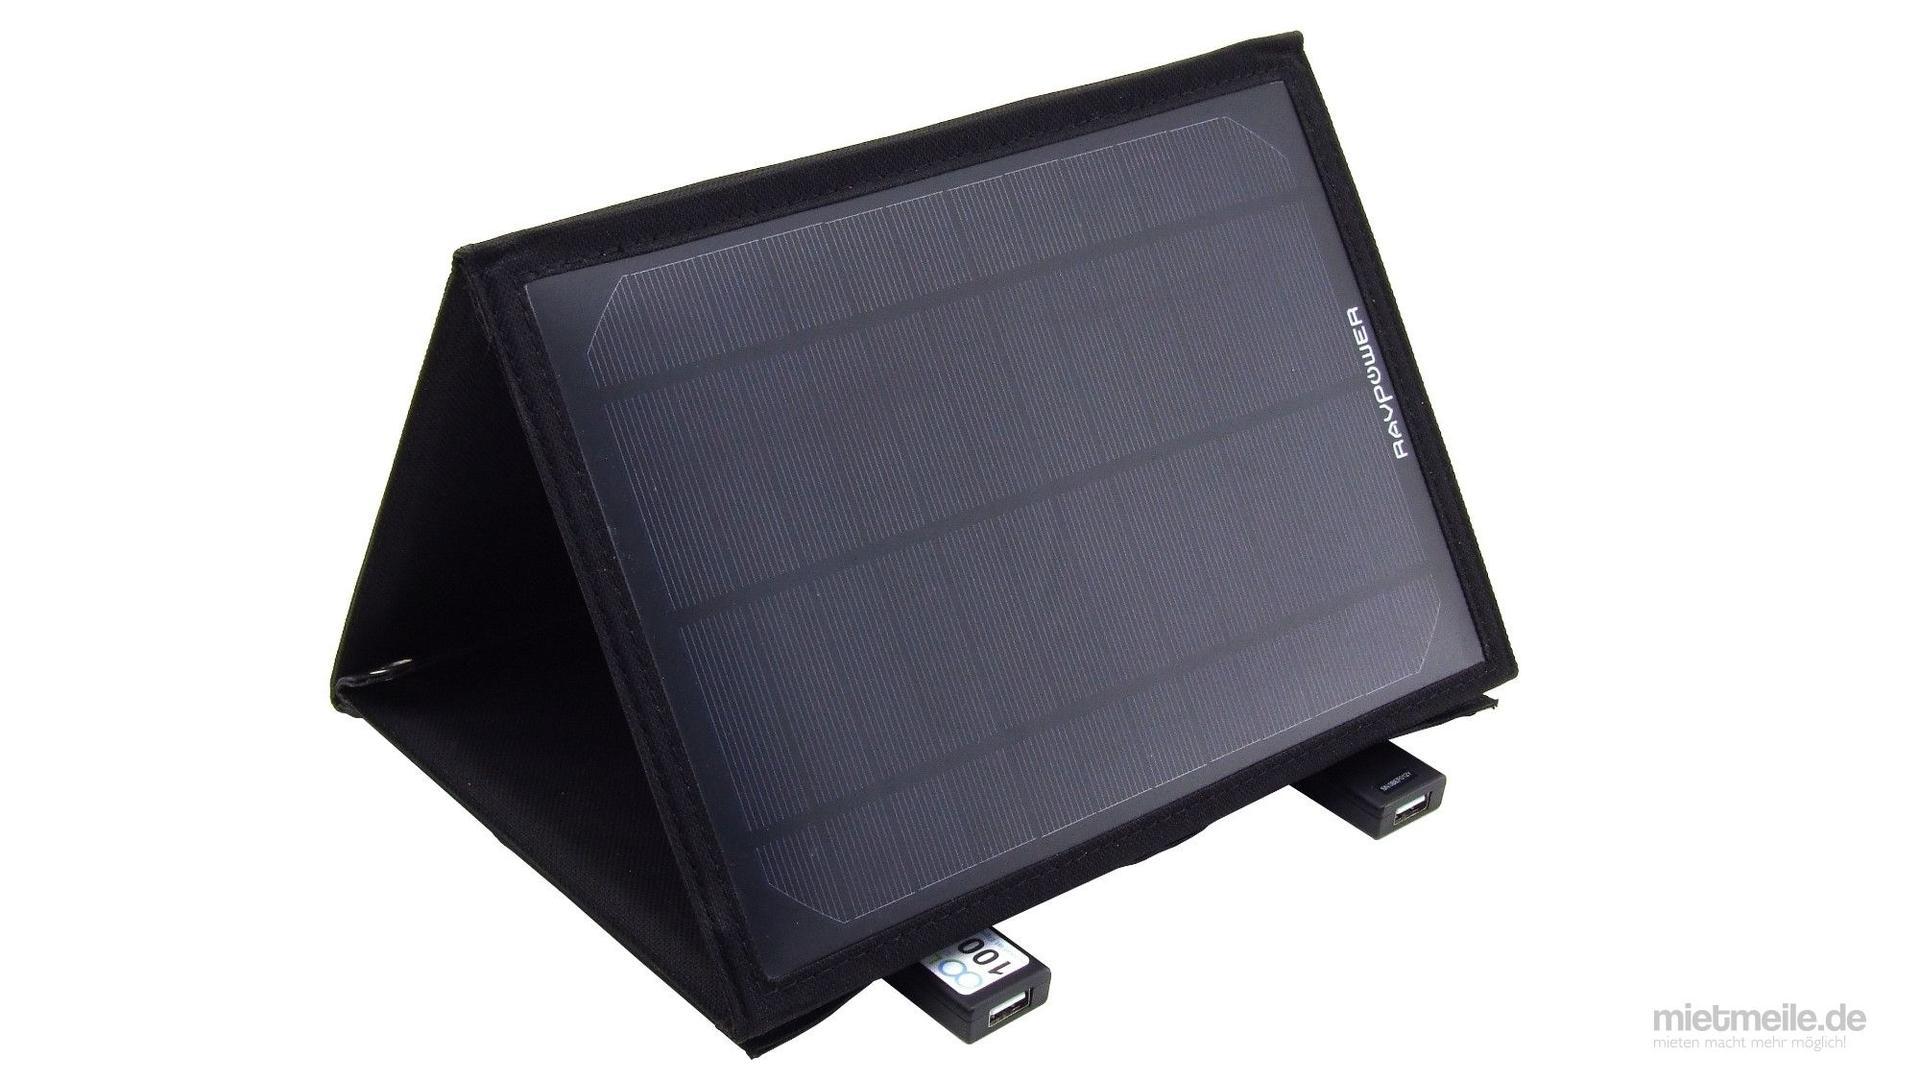 Elektronikzubehör mieten & vermieten - Ladegerät Solarladegerät Solar Panel in Schkeuditz